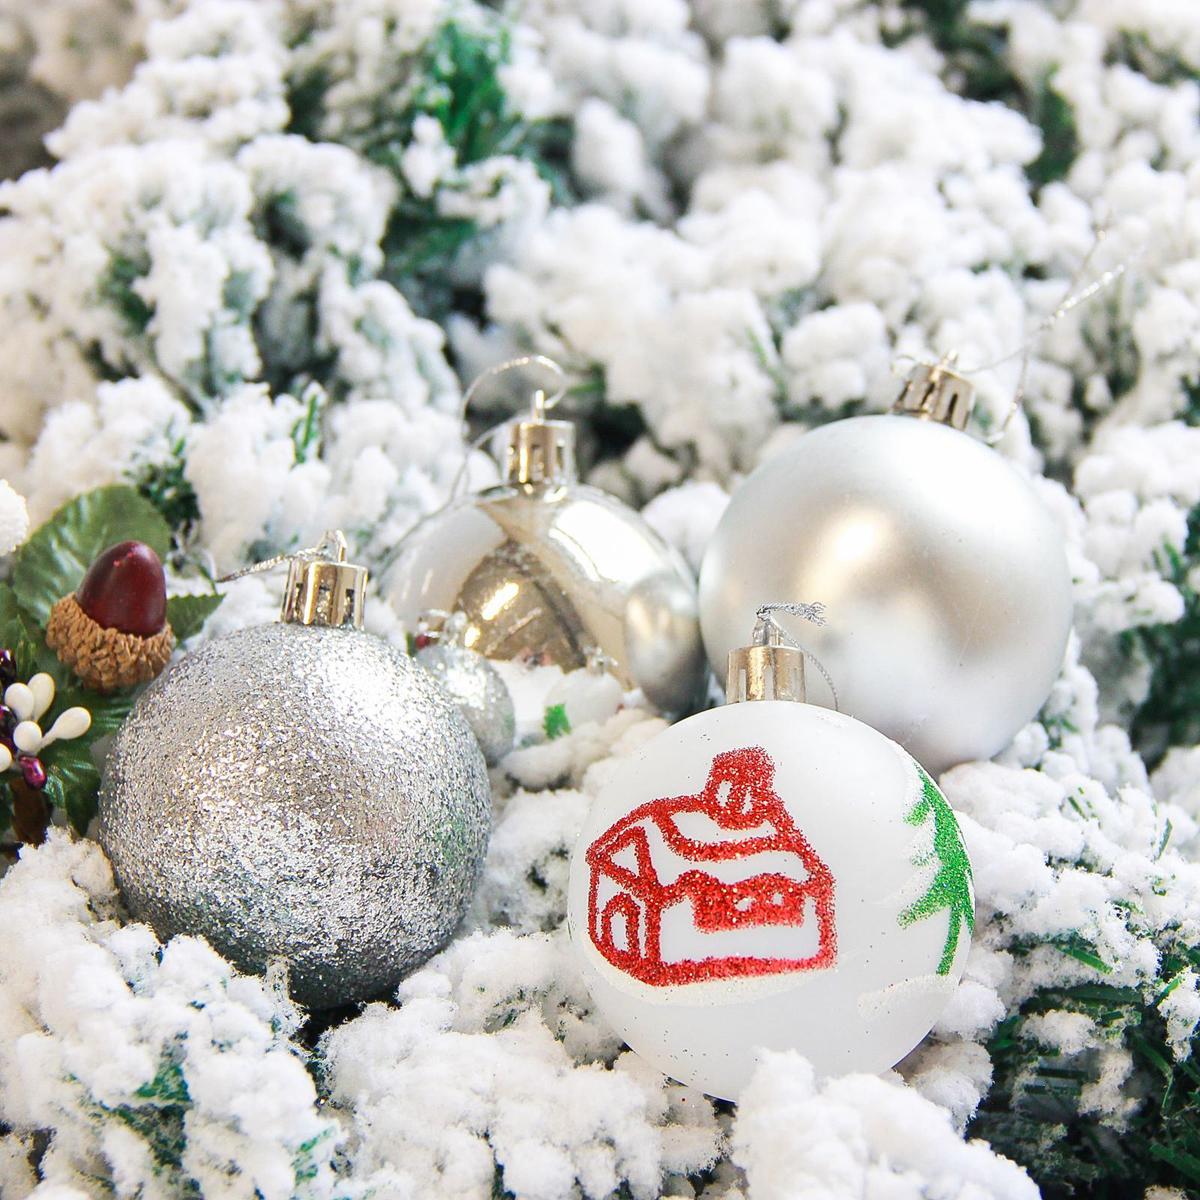 Набор новогодних подвесных украшений Sima-land Кьюзо, цвет: серебристый, диаметр 6 см, 16 шт. 21782362178236Невозможно представить нашу жизнь без праздников! Мы всегда ждём их и предвкушаем, обдумываем, как проведём памятный день, тщательно выбираем подарки и аксессуары, ведь именно они создают и поддерживают торжественный настрой.